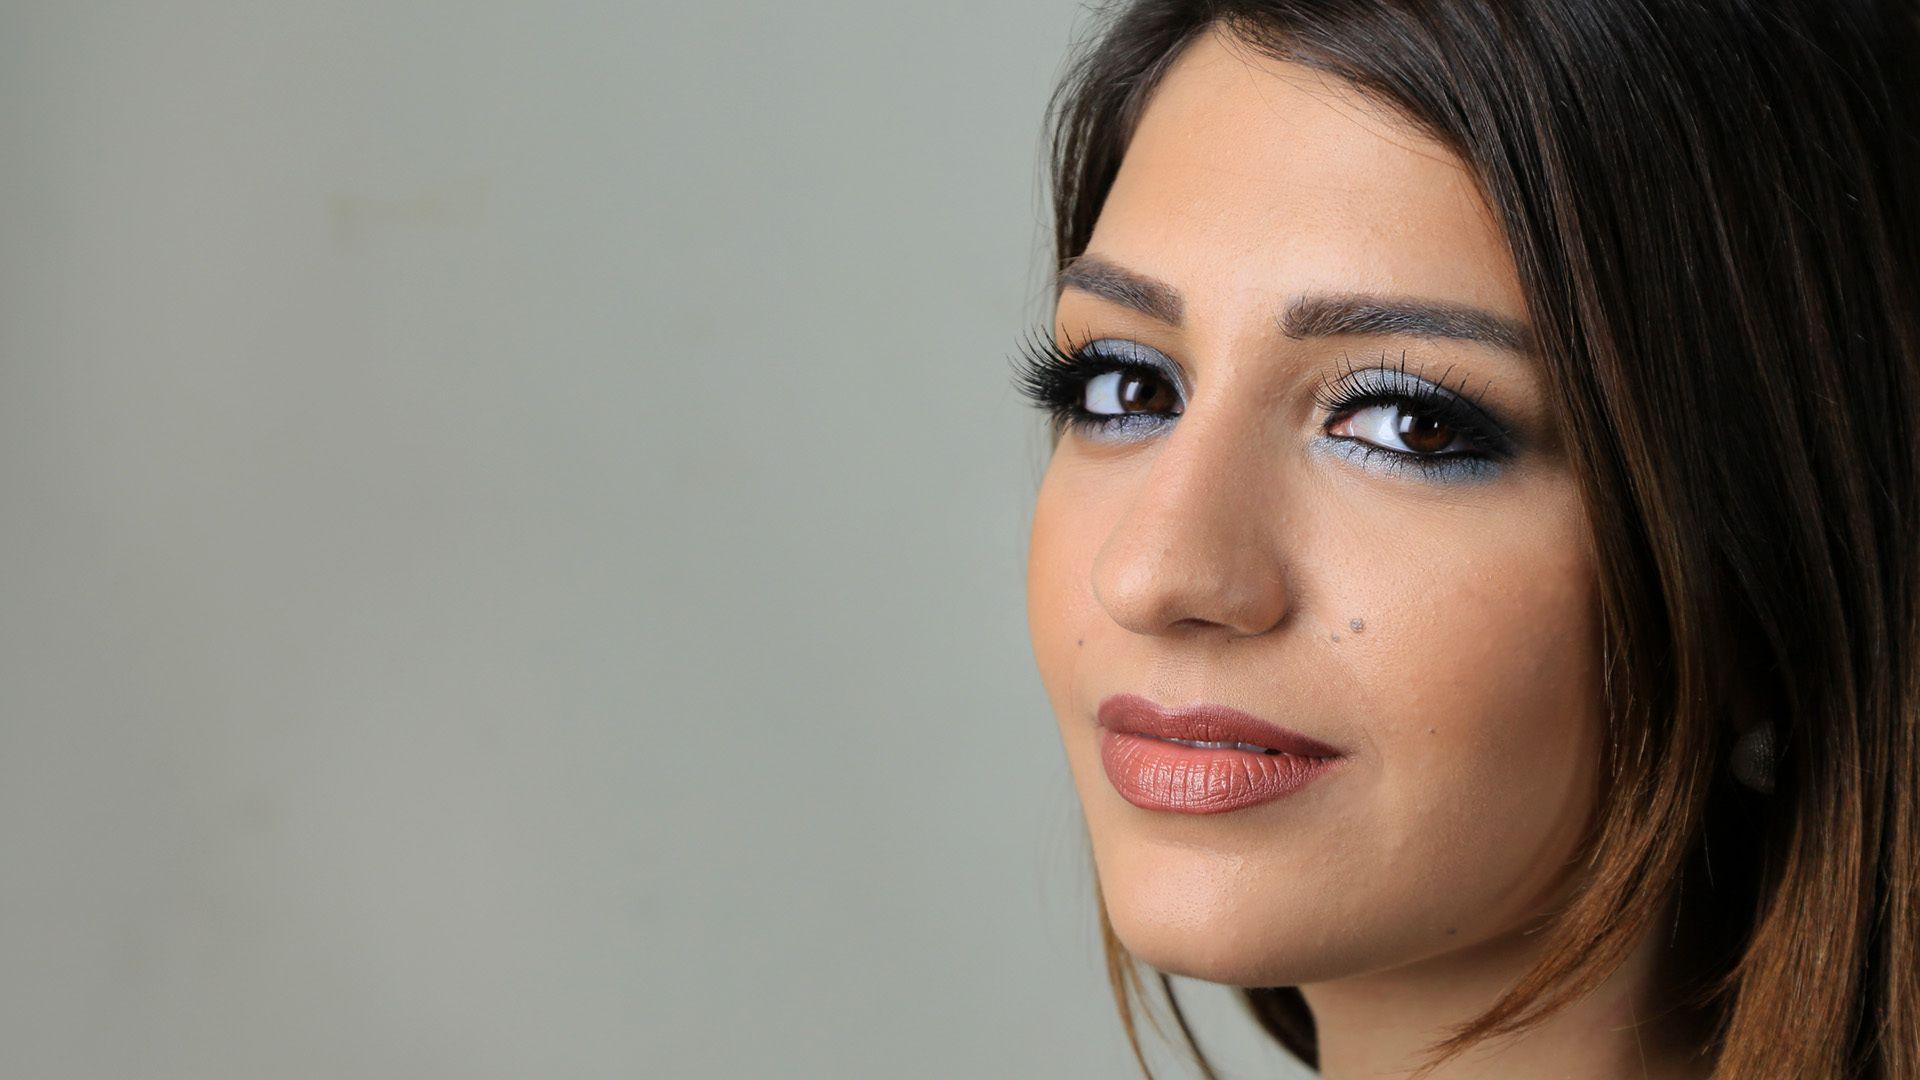 بالصور عيون سوداء , جمال العيون السوداء و نظراتها 914 8